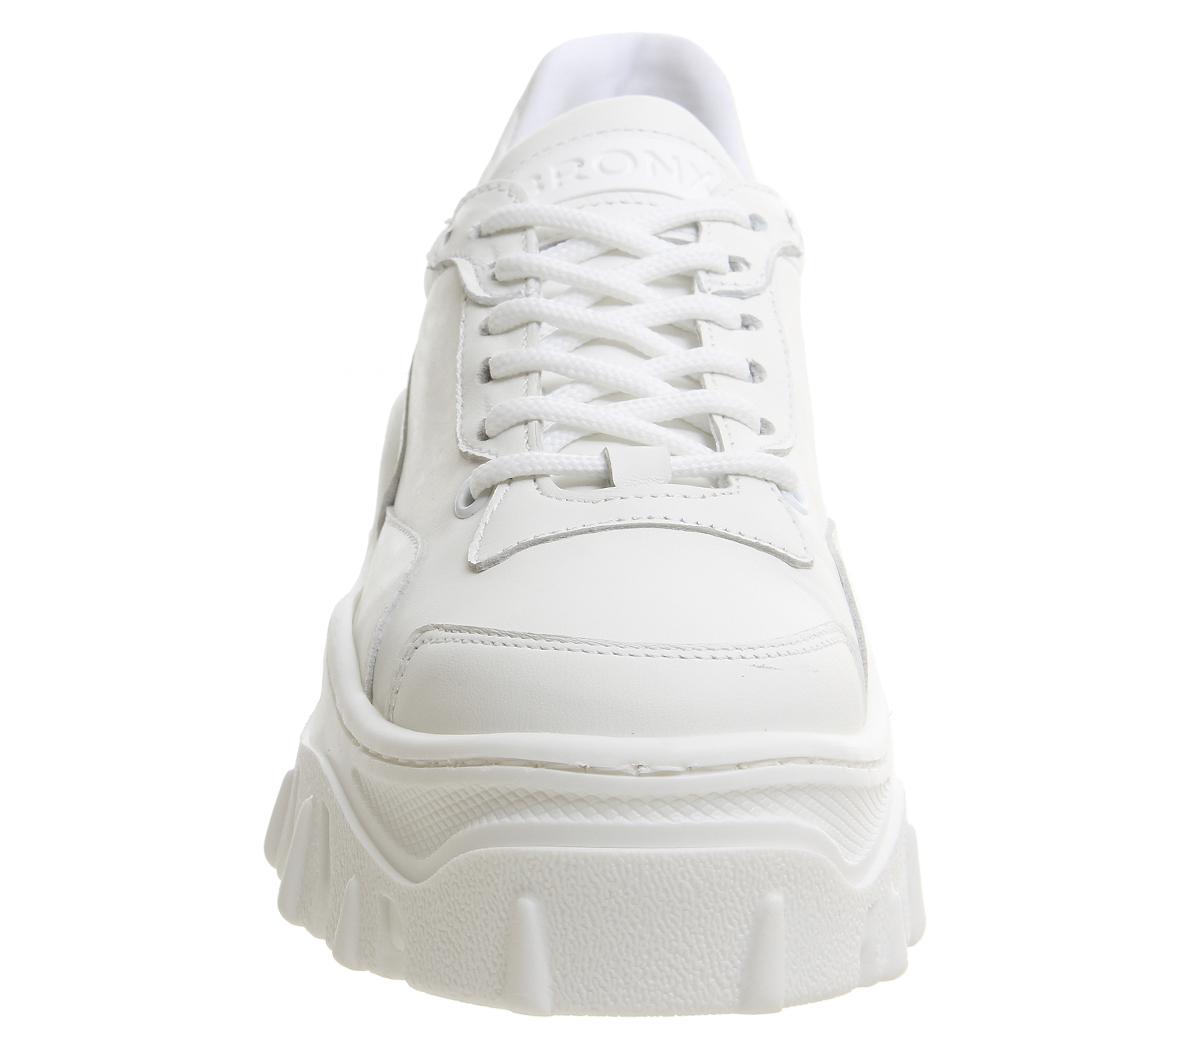 Da Donna Bronx da jaxstar Scarpe da Bronx ginnastica bianca Mono Scarpe Basse 8b1a78